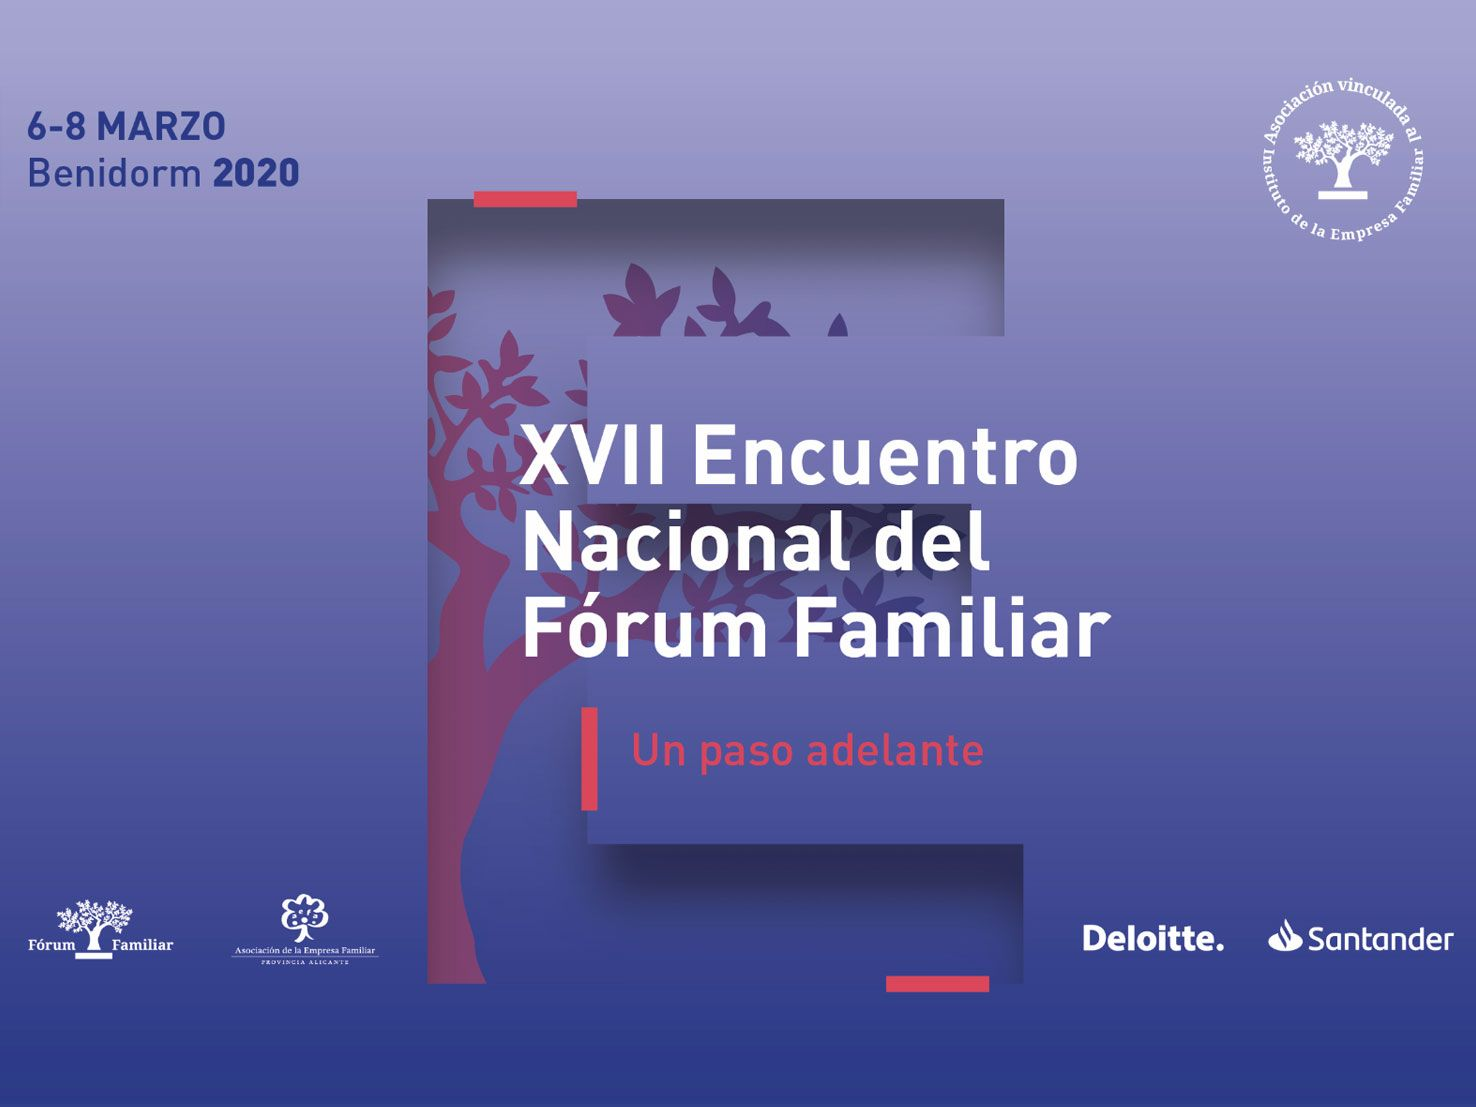 XVII-Encuentro-Nacional-del-Fórum-Familiar